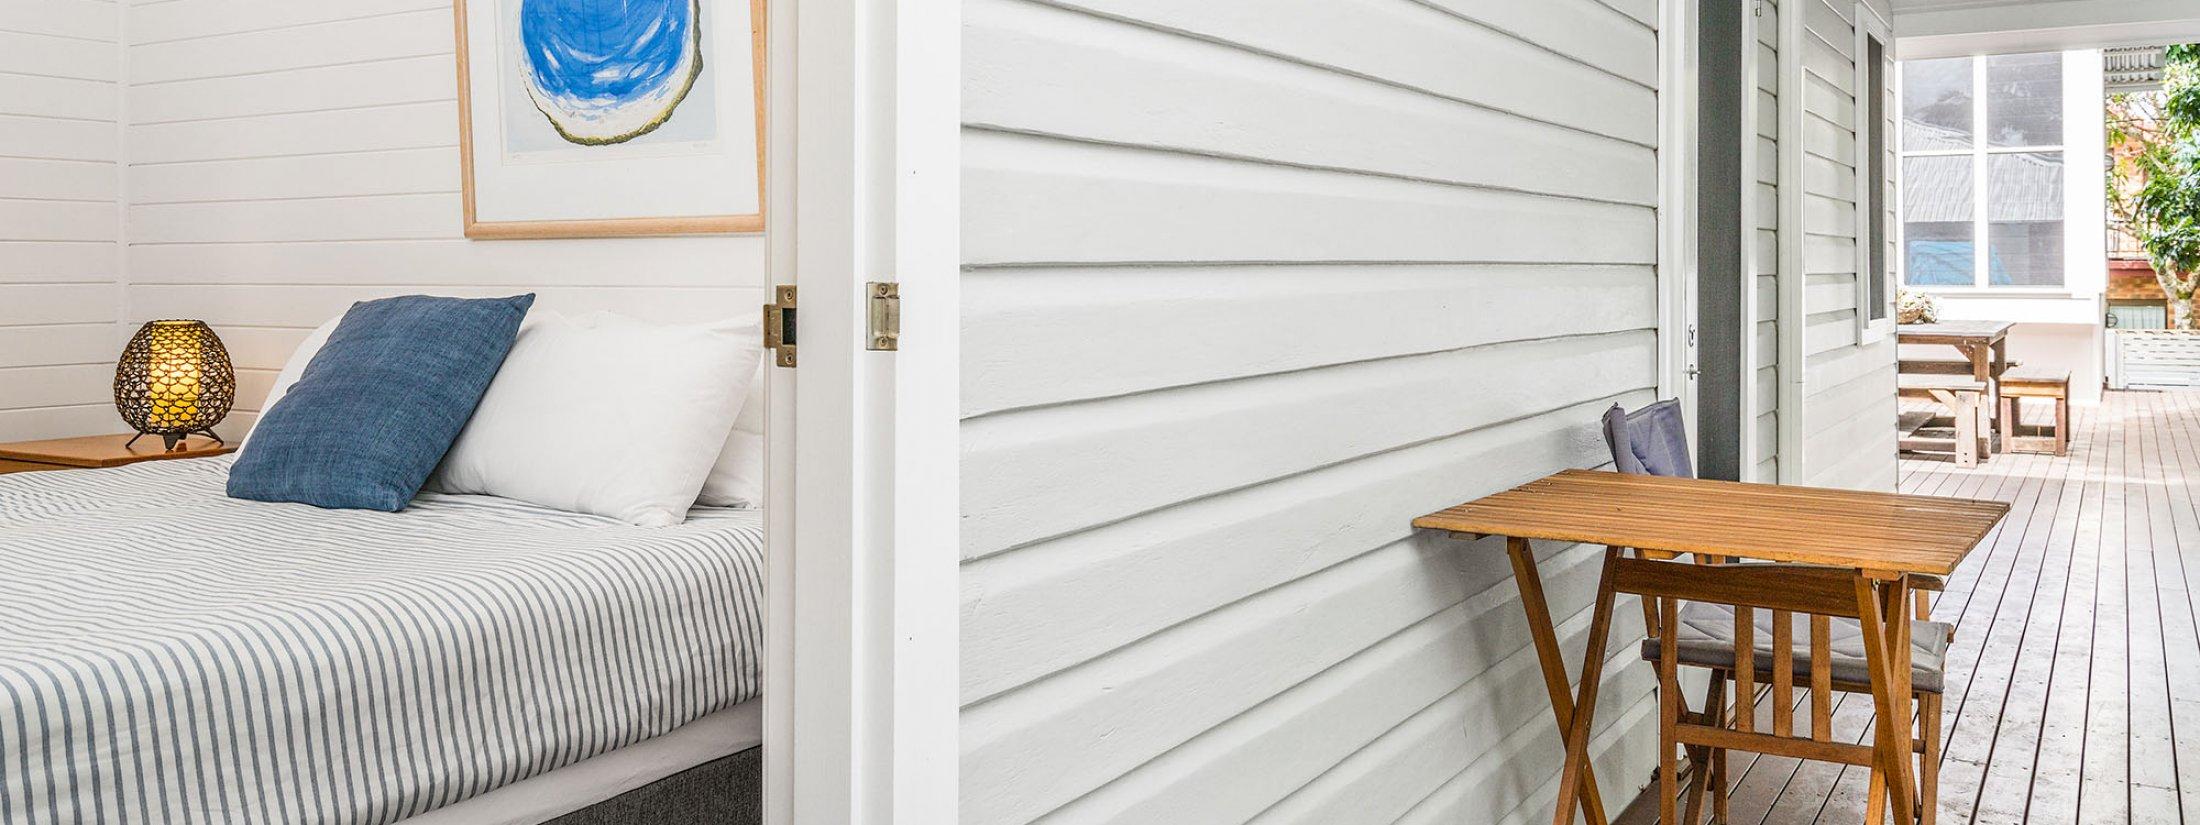 Cavvanbah Seaside Cottage - Byron Bay - Bedroom 2b